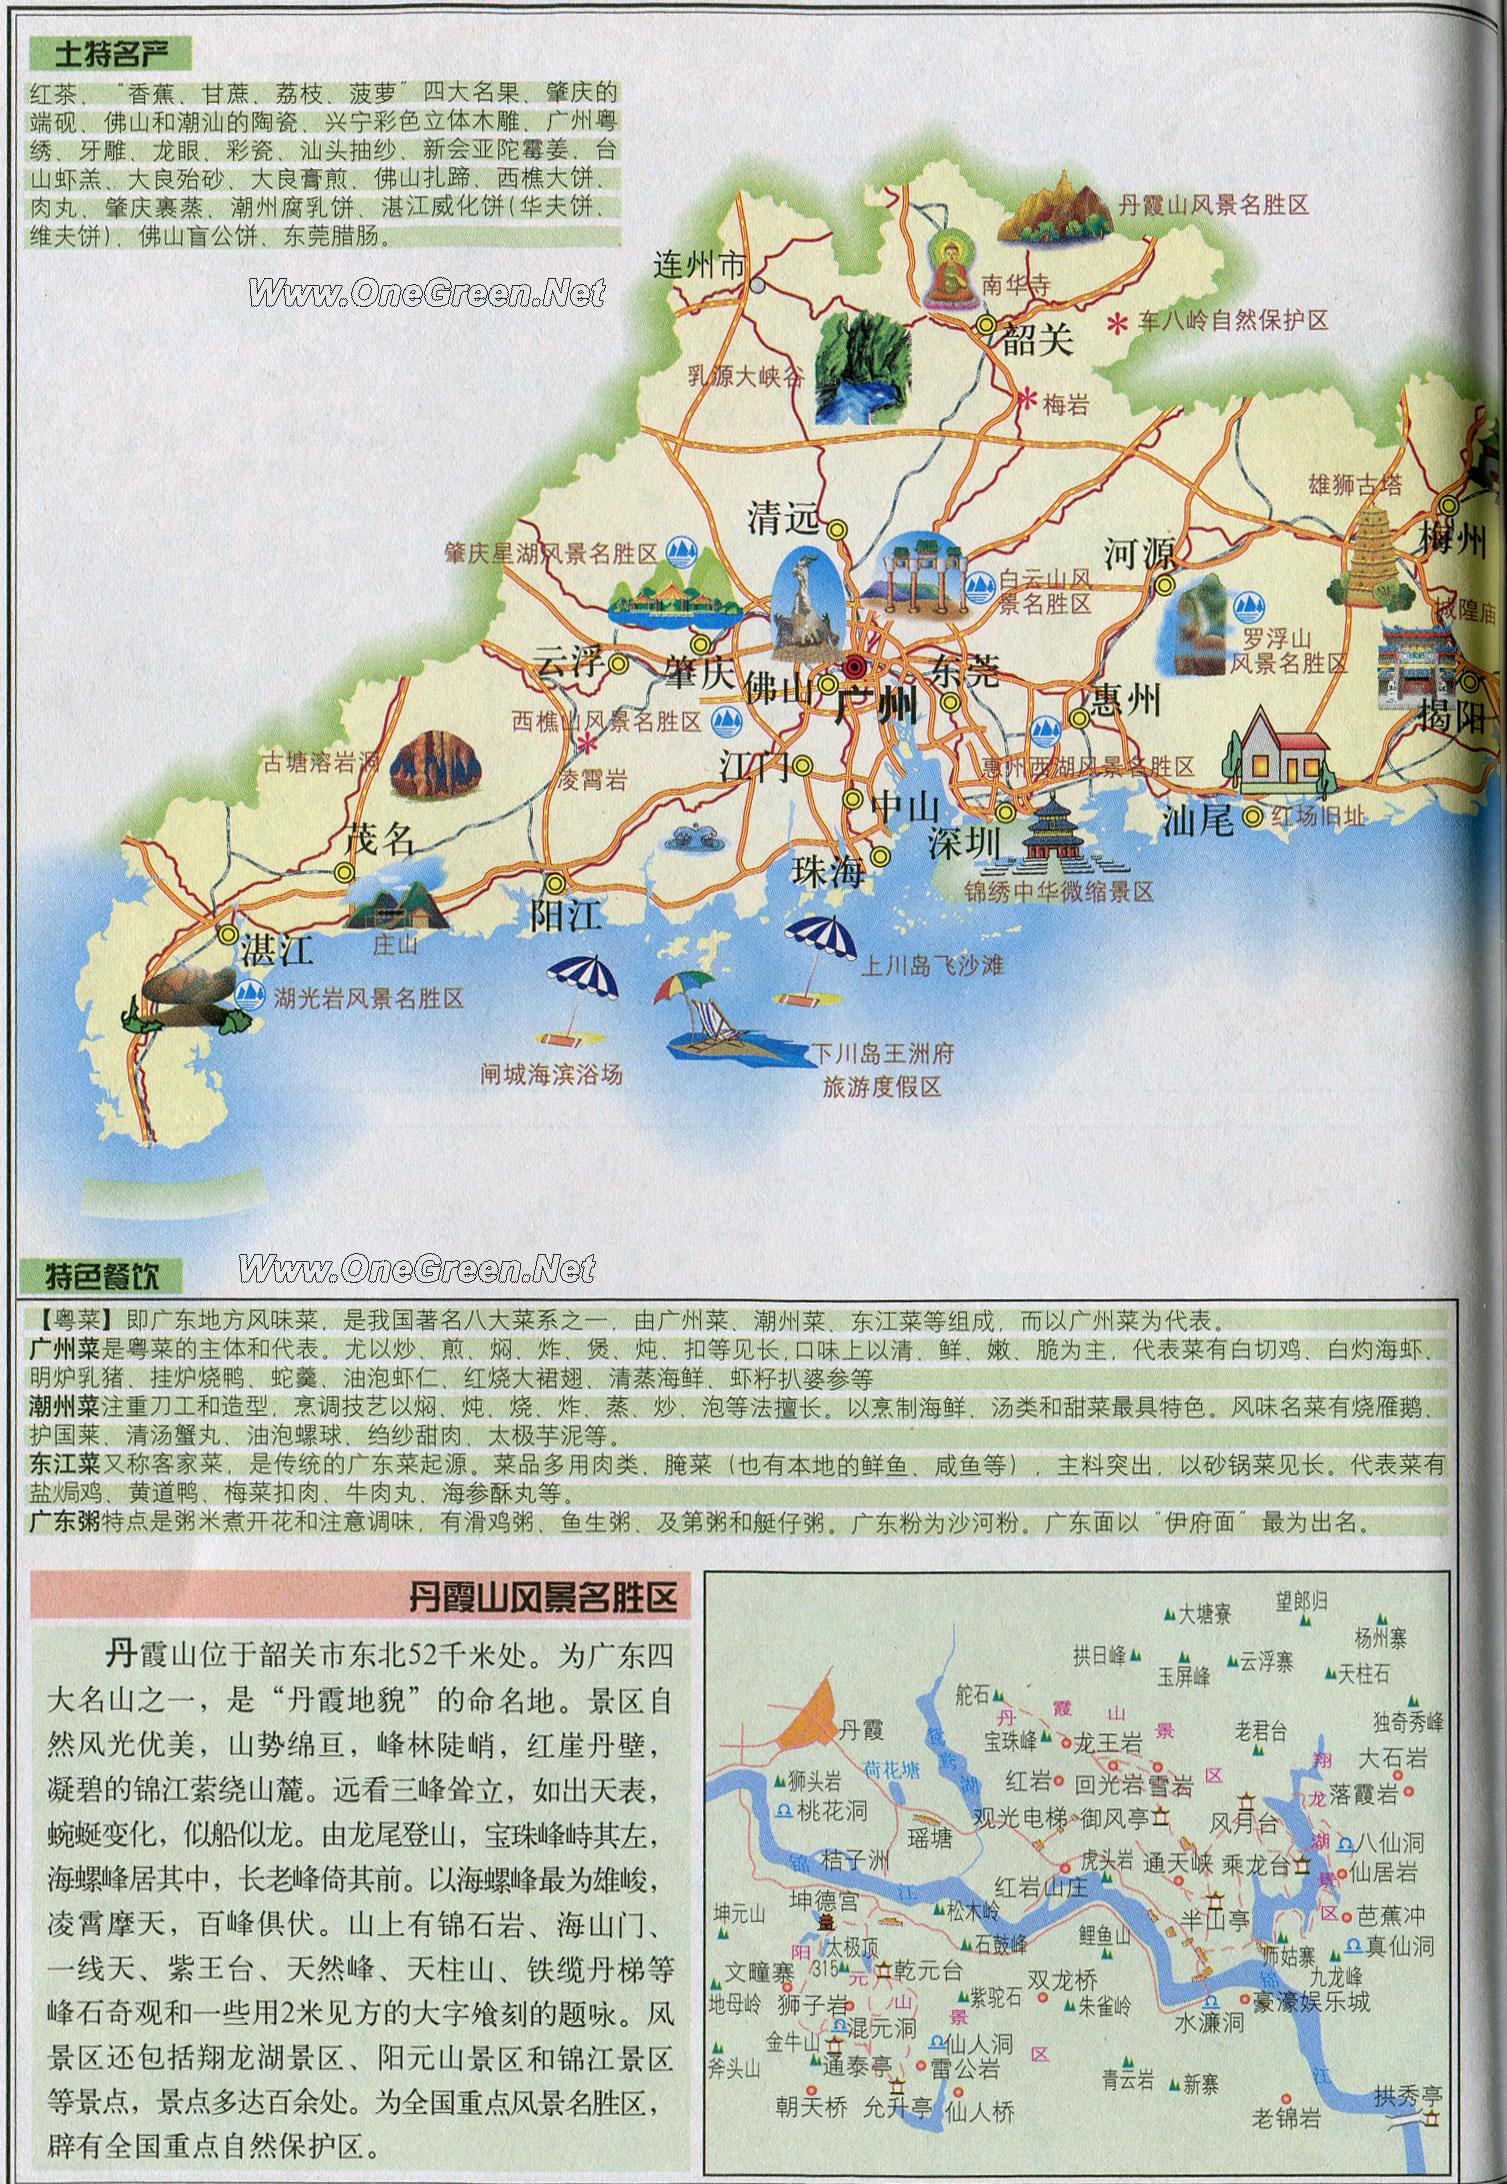 广东旅游地图详图